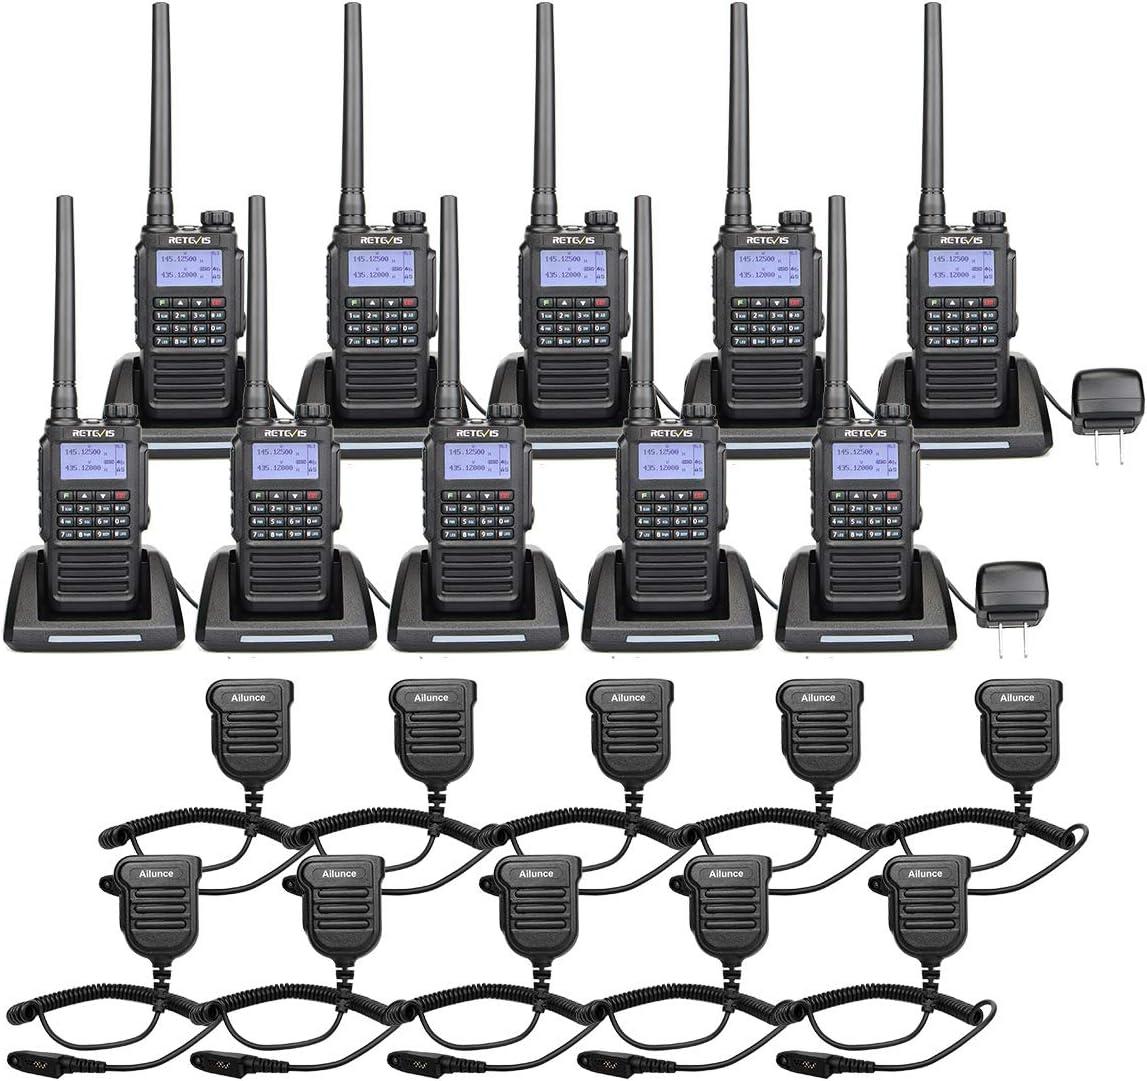 Fall Encryption Walkie Talkies with Waterproof Speak Mic 4 Pack Retevis RT29 2 Way Radios Long Range 3200mAh Heavy Duty High Power Durable Anti